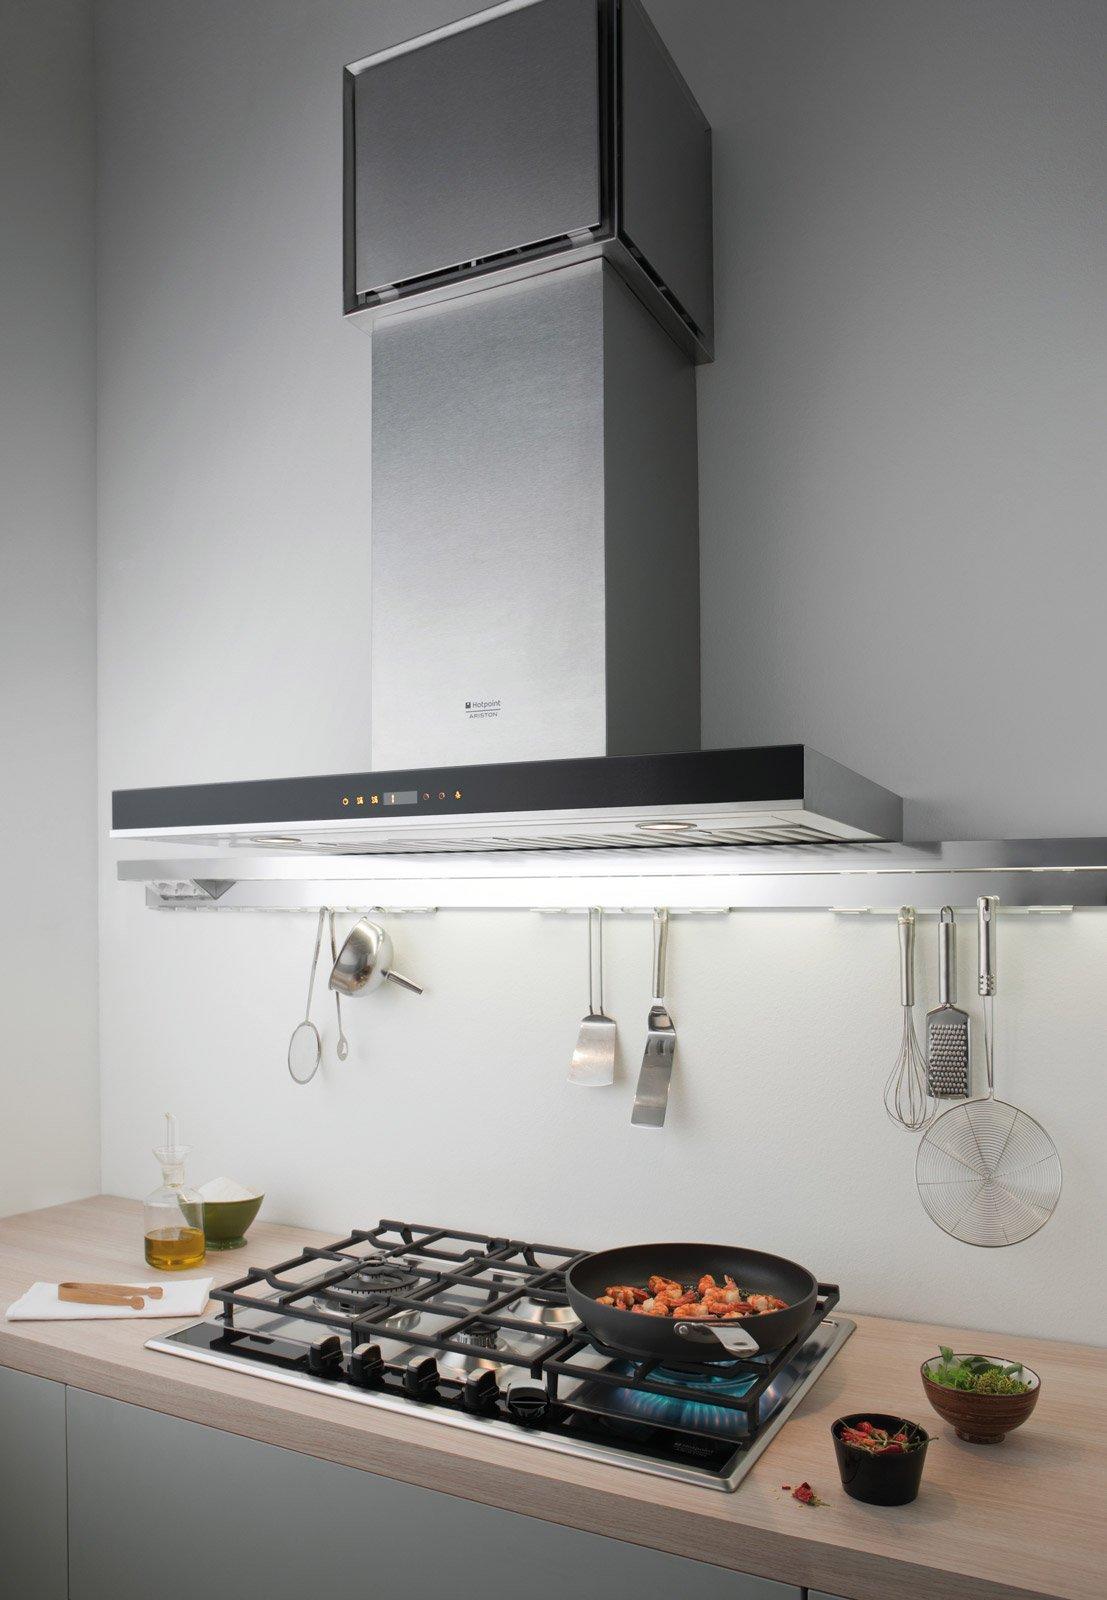 Come scegliere la cappa della cucina cose di casa - Cappa da cucina ...